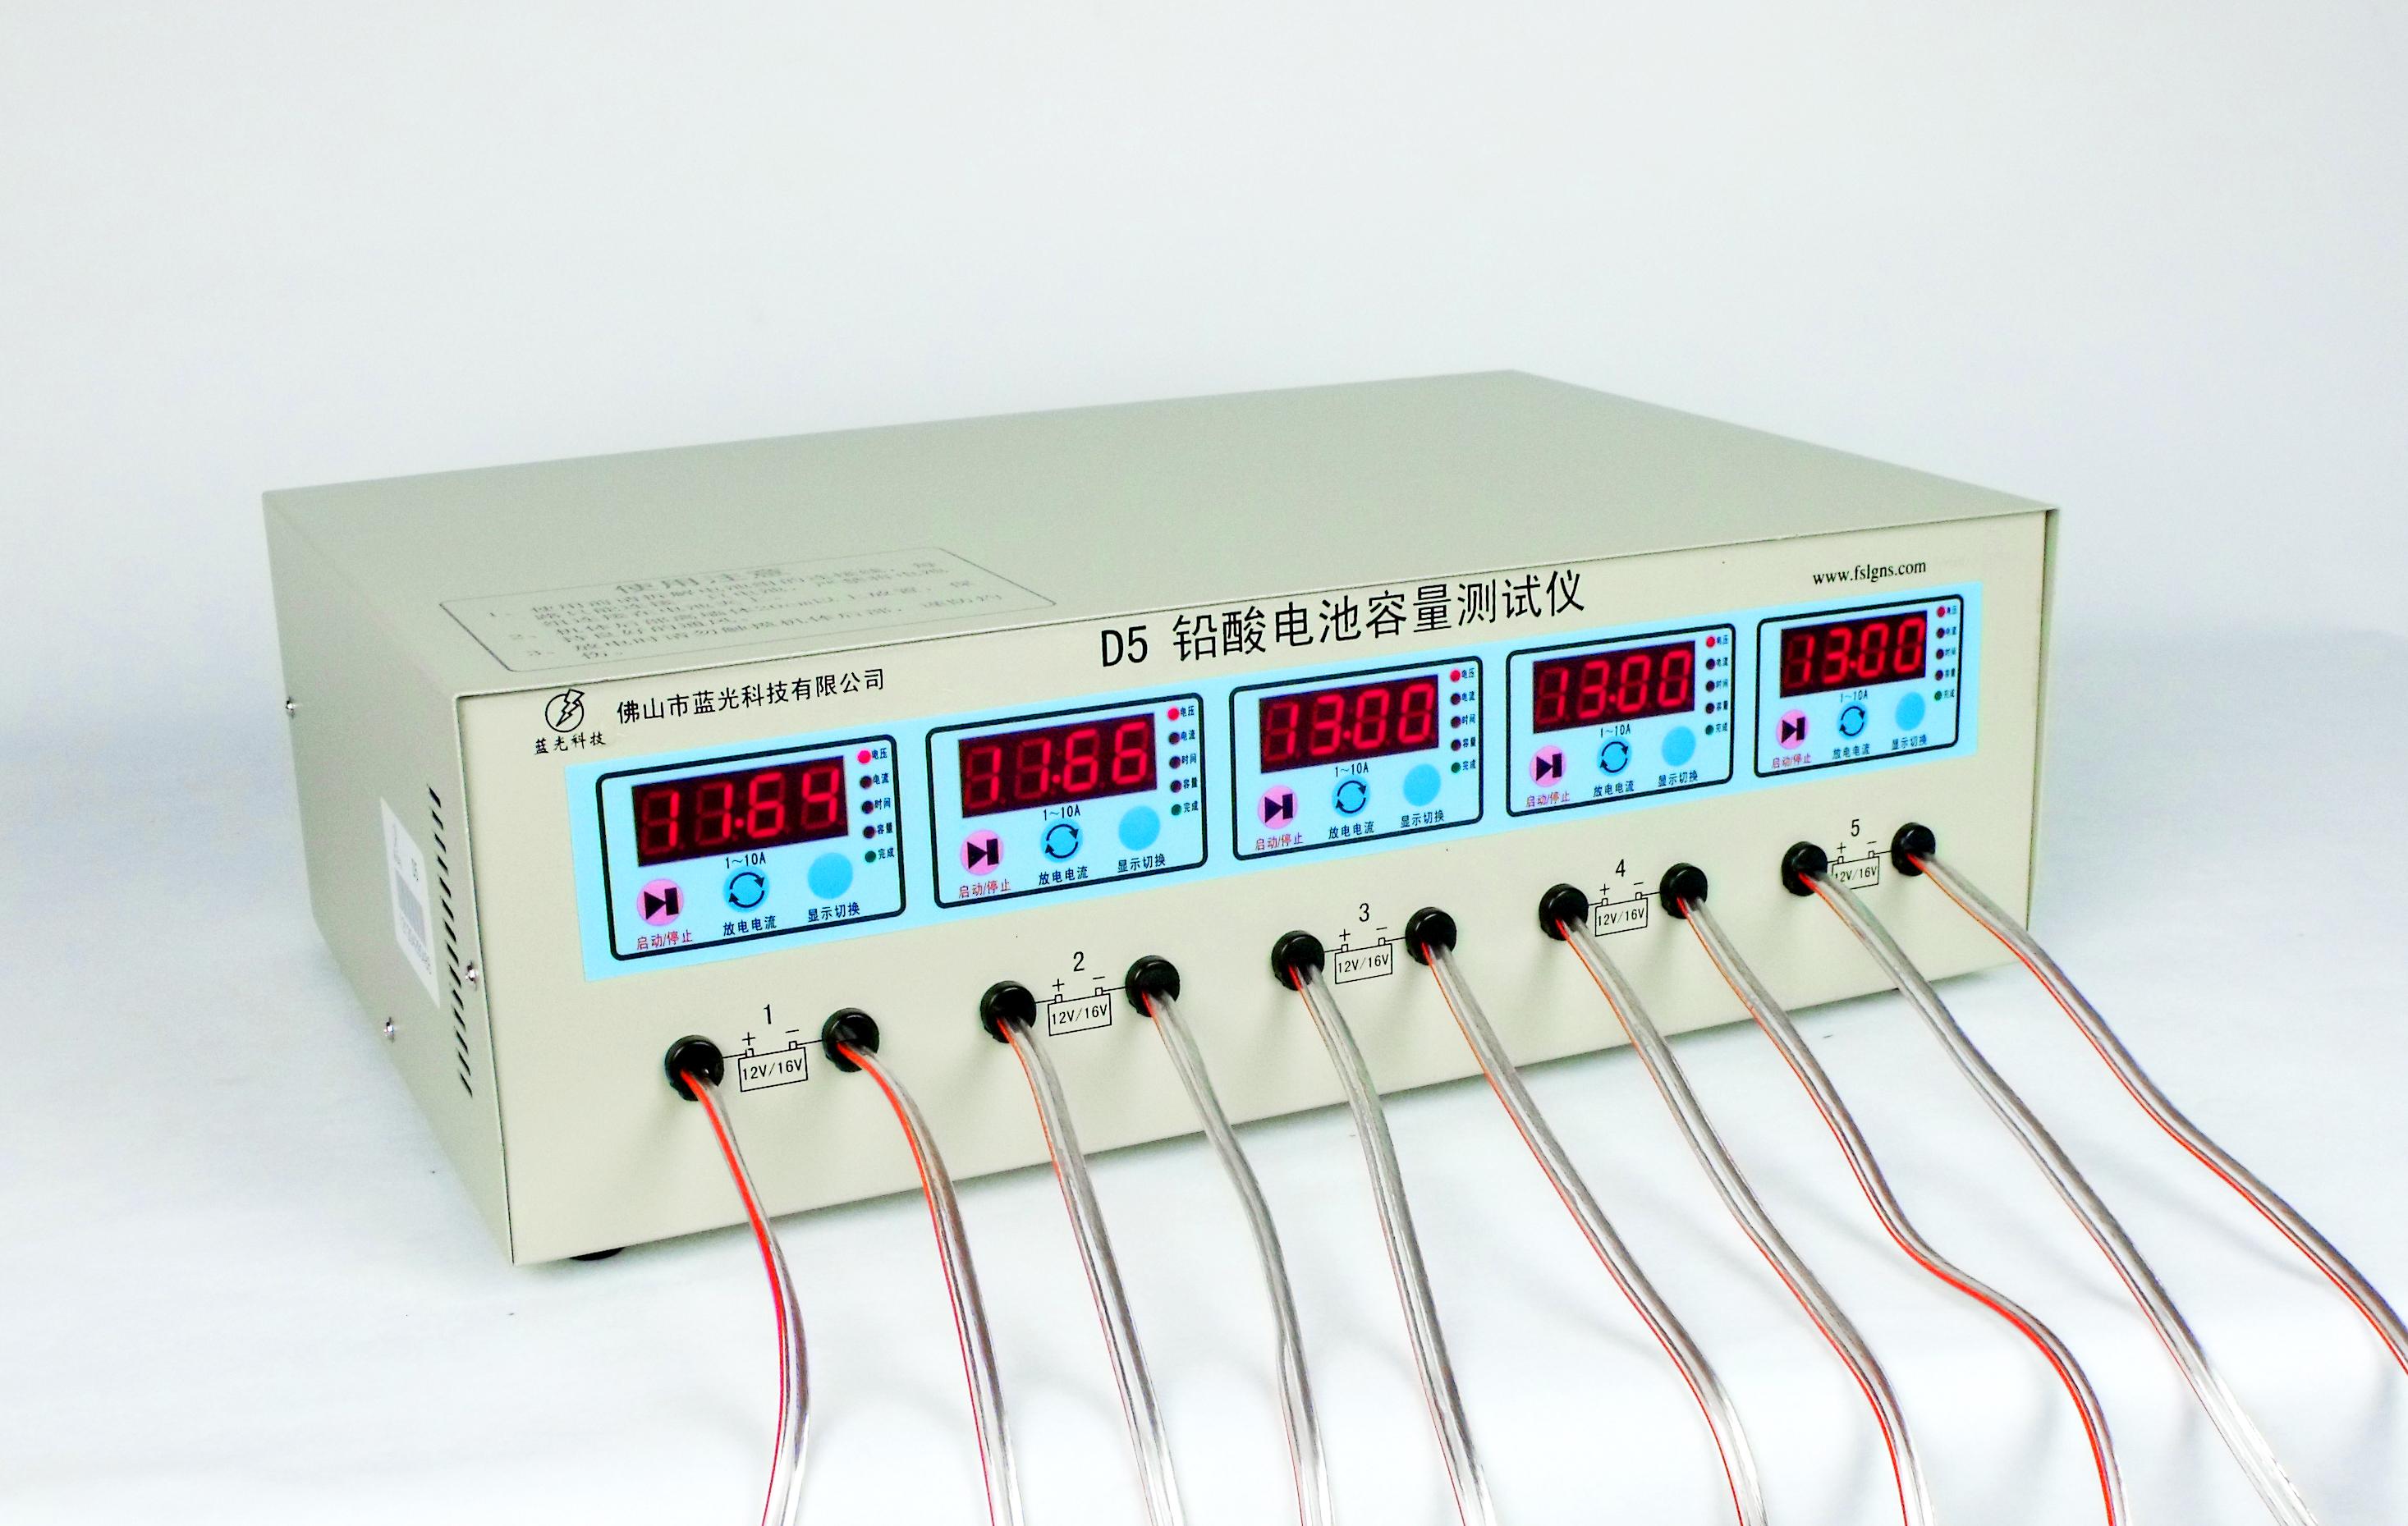 等),具有六路独立的高精度电子负载恒流放电单元,可依照国标GB/T22199—2008同时测量1-5只12V或16V电动车电池容量; 该机以国际知名品牌MCU为控制核心,数字PWM恒流技术,具有高精度、高可靠及使用方便等特点,是电动车电池质量判定及配组必不可少的专业工具。 产品主要用途: 1、每次1-5只12V/16V电动车蓄电池容量测试及配组。 2、新电池容量测试&电动车电池的售后服务。 3、其它:4~200Ah 12V/16V铅酸蓄电池的容量测试。 产品特点: 1.